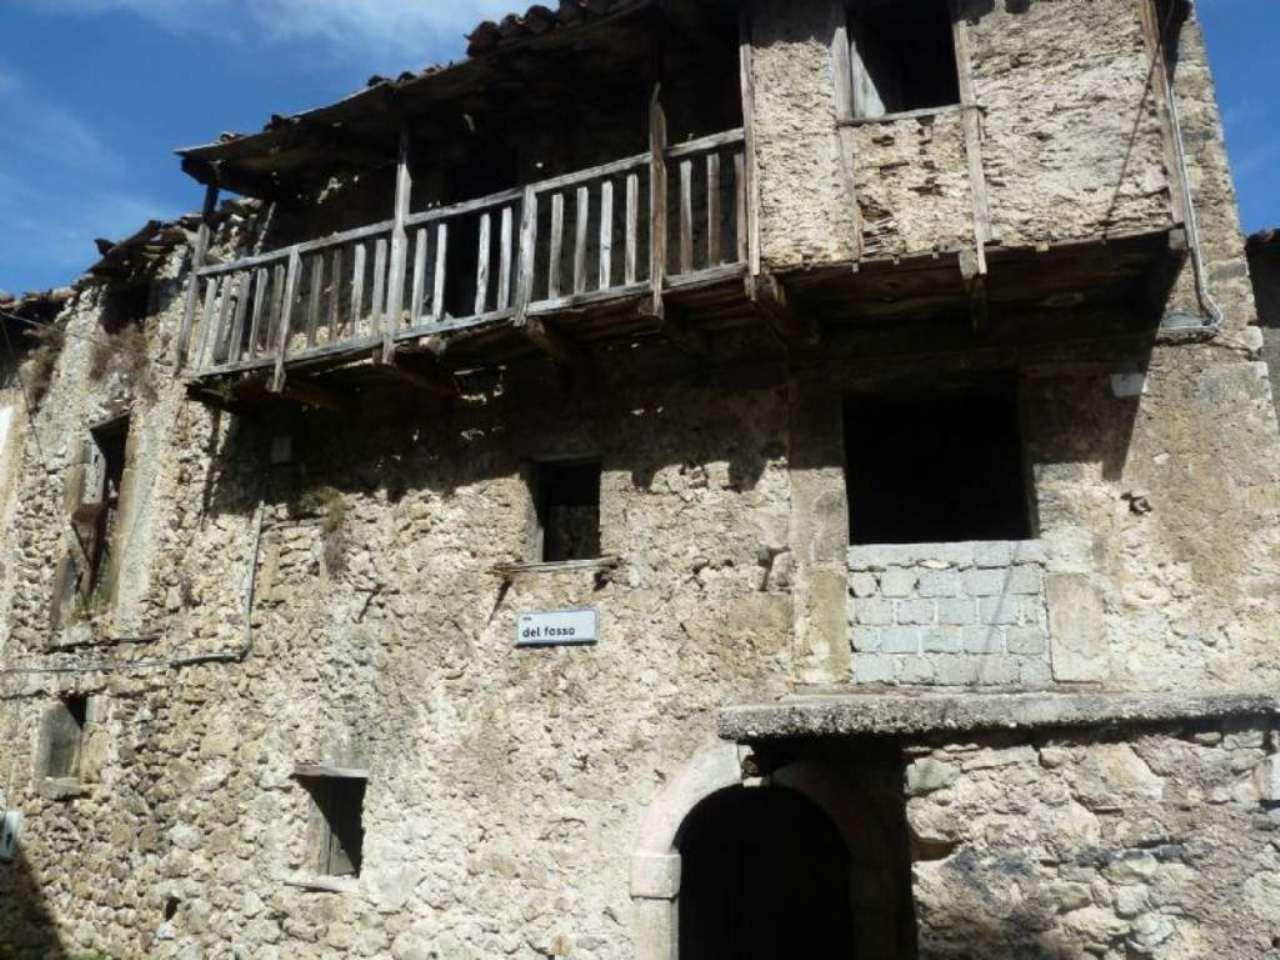 Palazzo / Stabile in vendita a Borgorose, 6 locali, prezzo € 18.000 | Cambio Casa.it